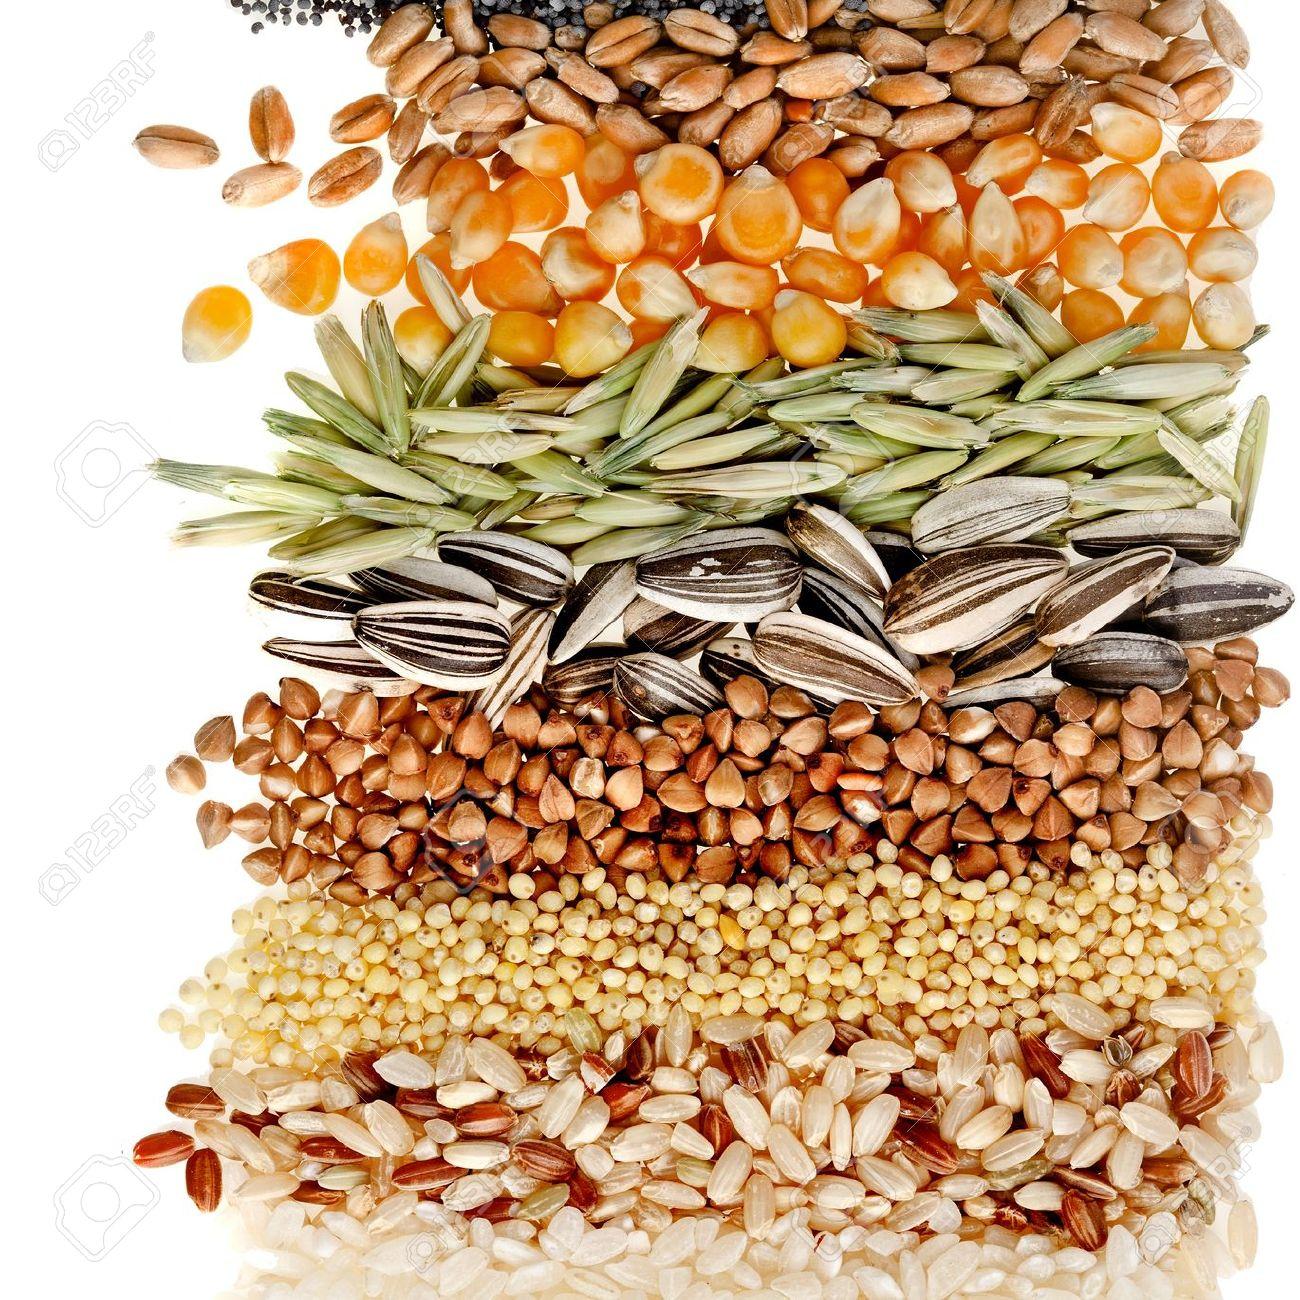 Поделки из зерна своими руками кофе, пшено, рис